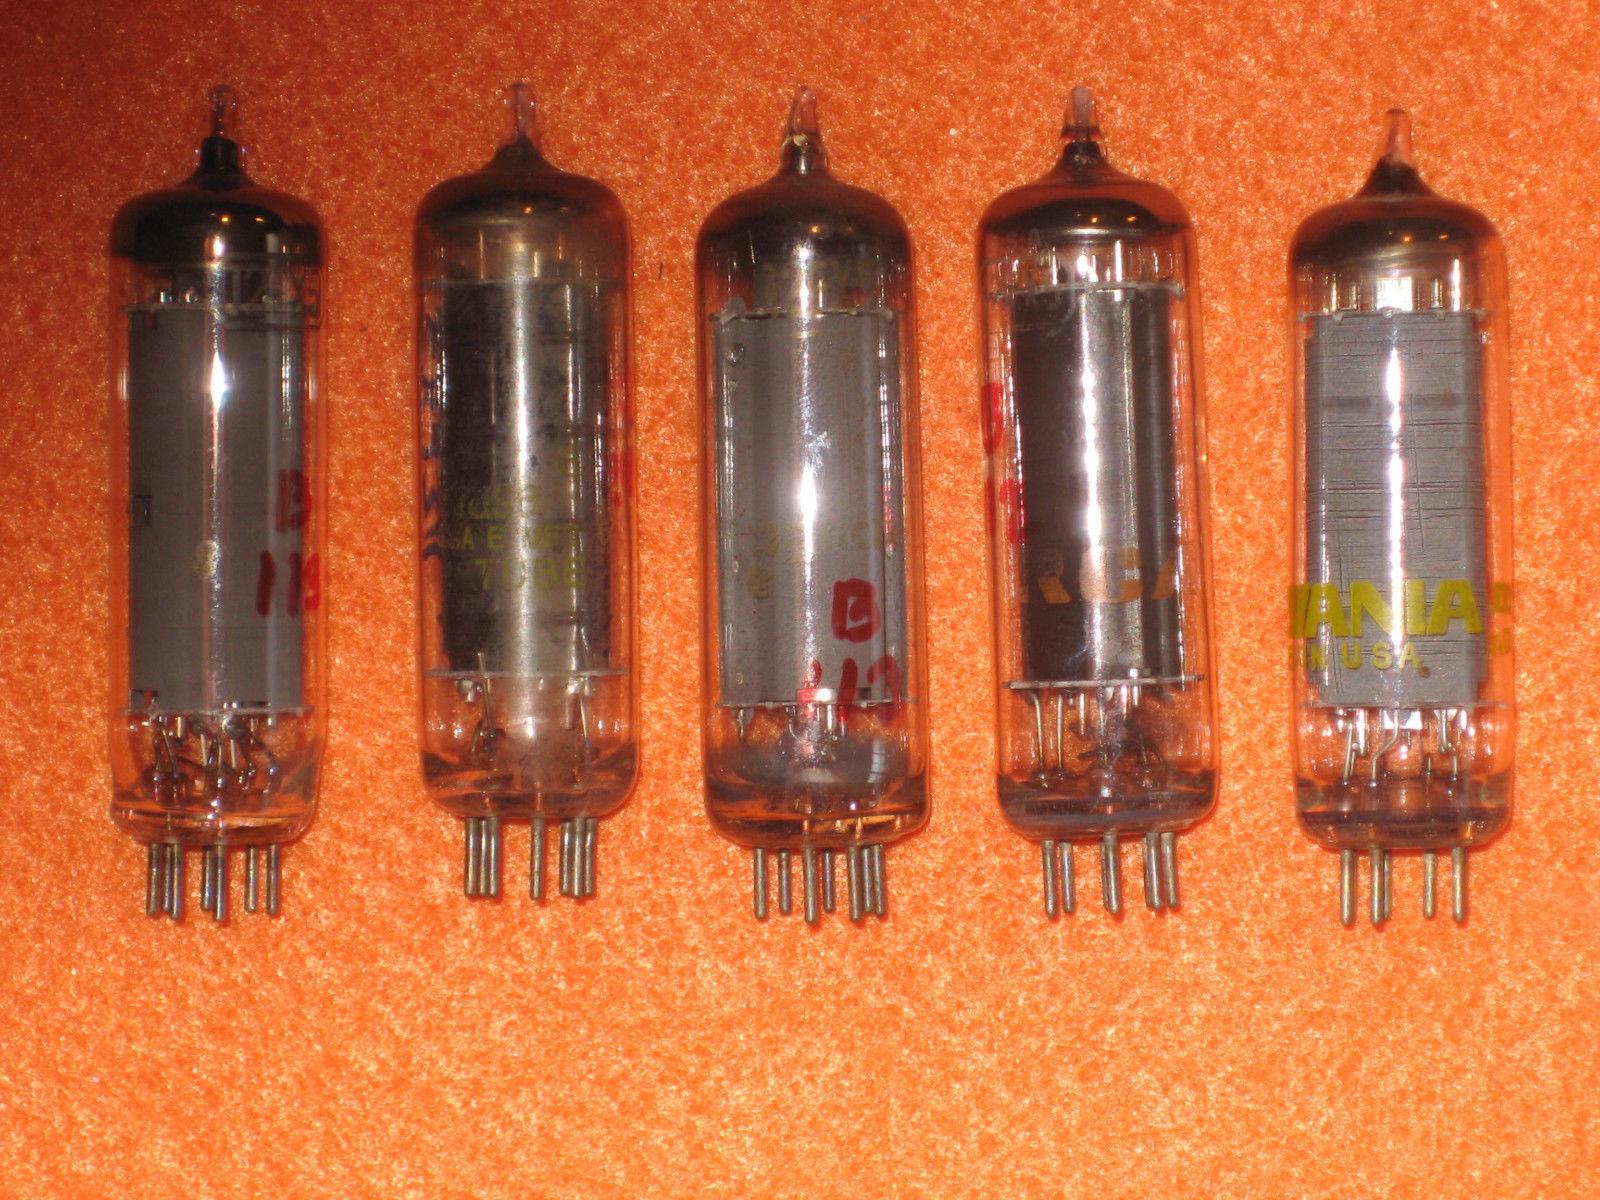 Vintage Radio Vacuum Tube (one): 12FX5 - Tested Good